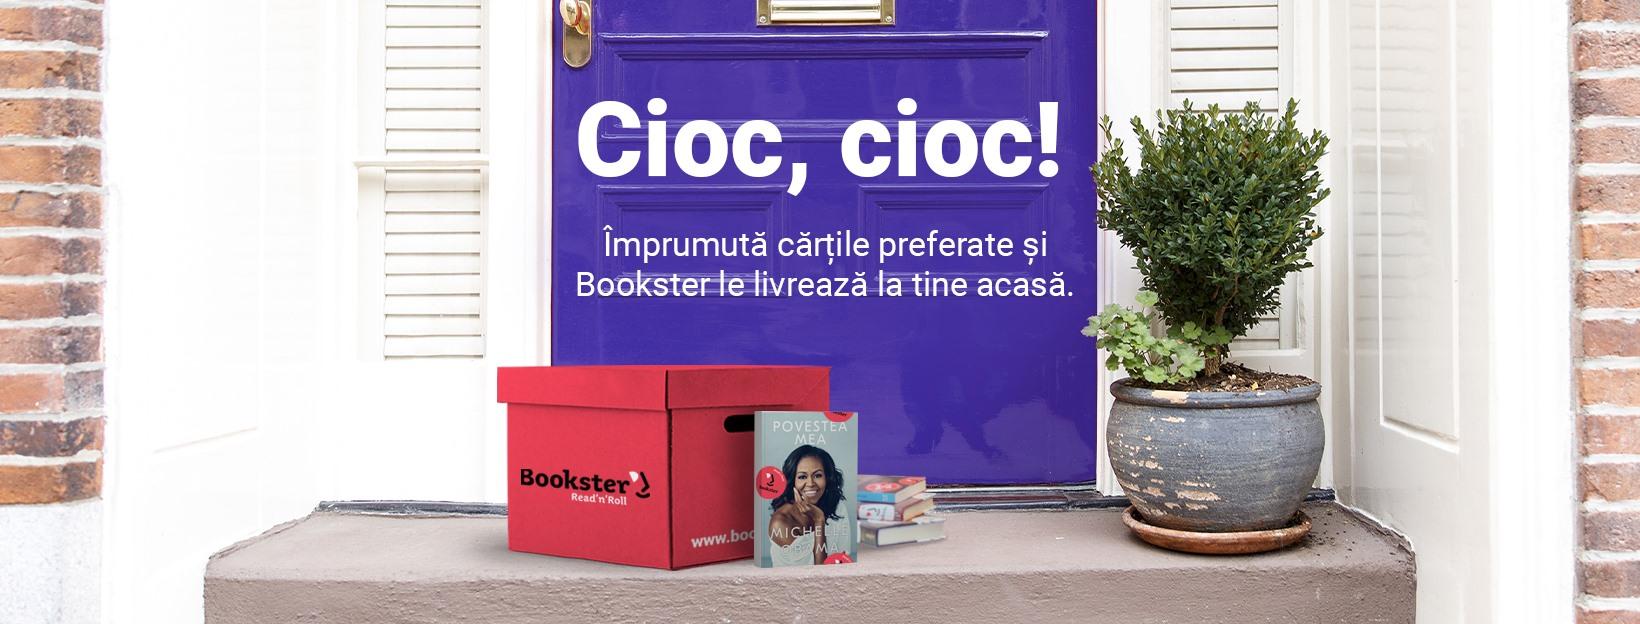 bookster-covid-19-livrare-acasa